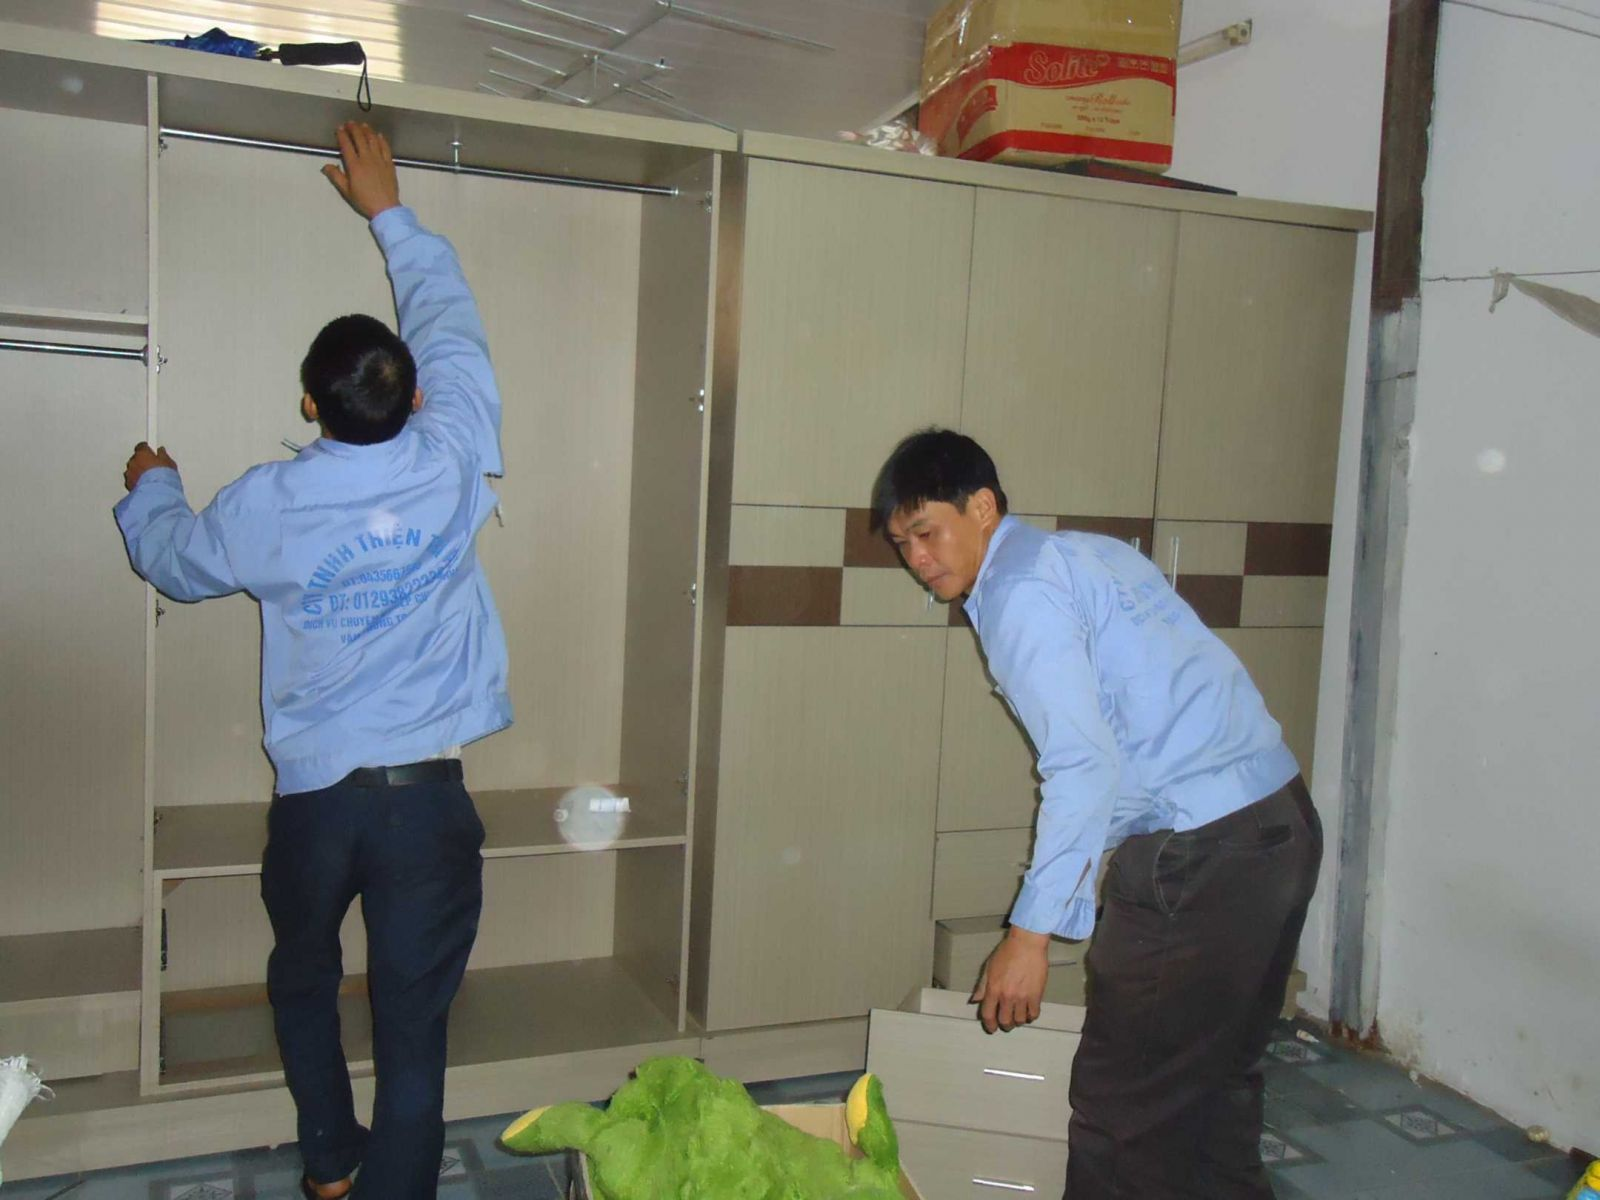 Dịch vụ chuyển văn phòng trọn gói Thần Đèn chuyên nghiệp